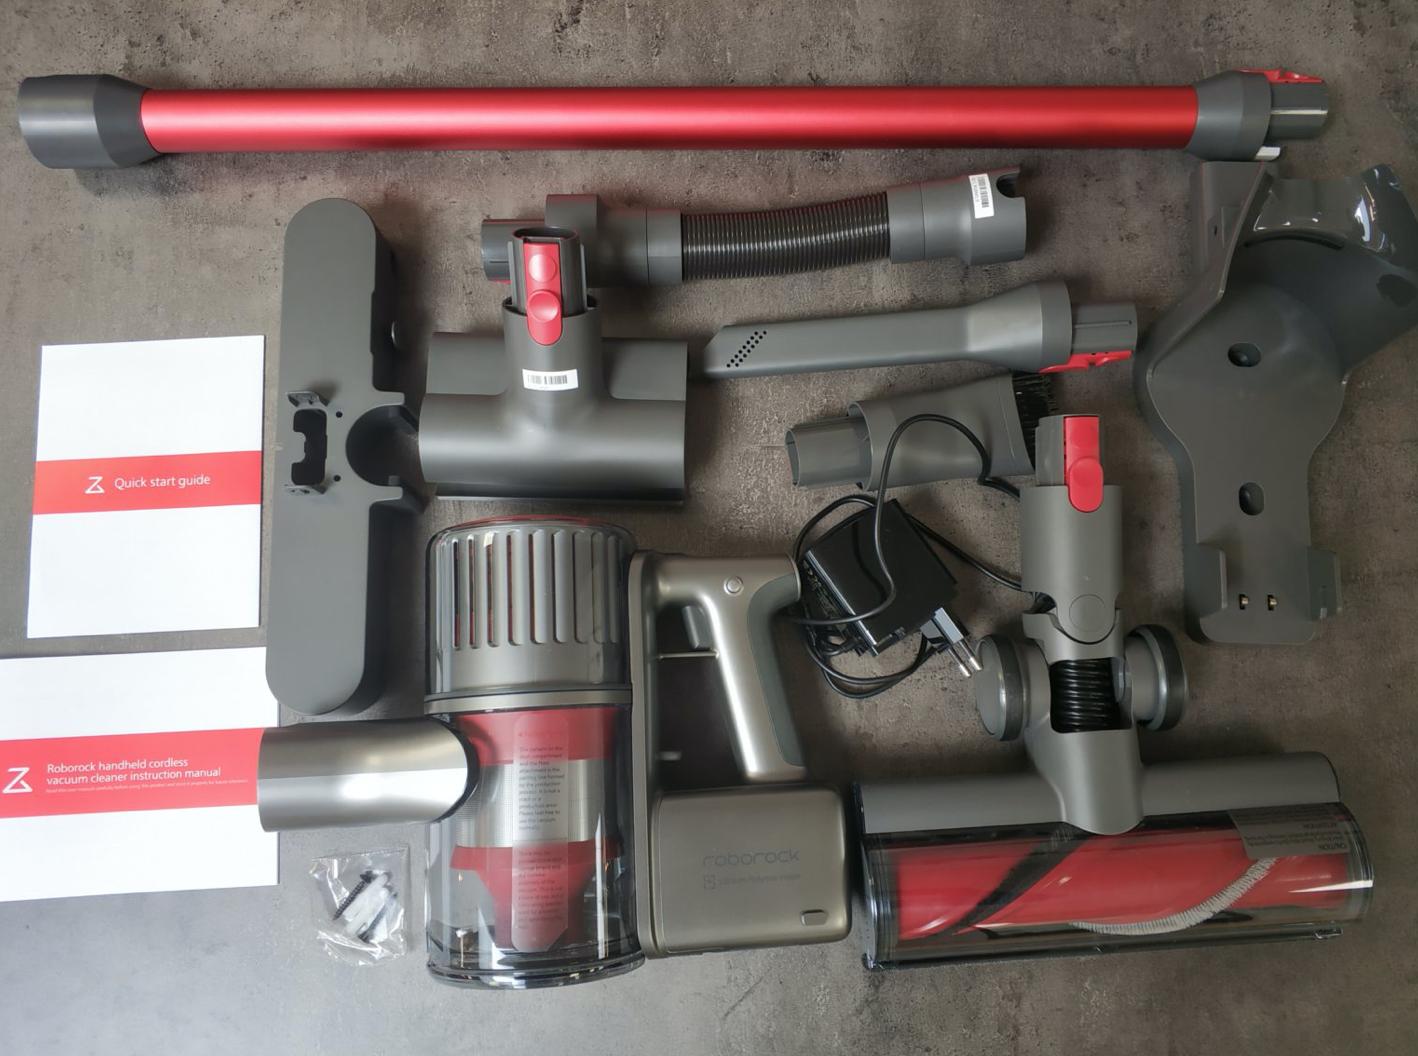 Đánh giá máy hút bụi Roborock H6: Một thiết bị không dây cầm tay khác 3